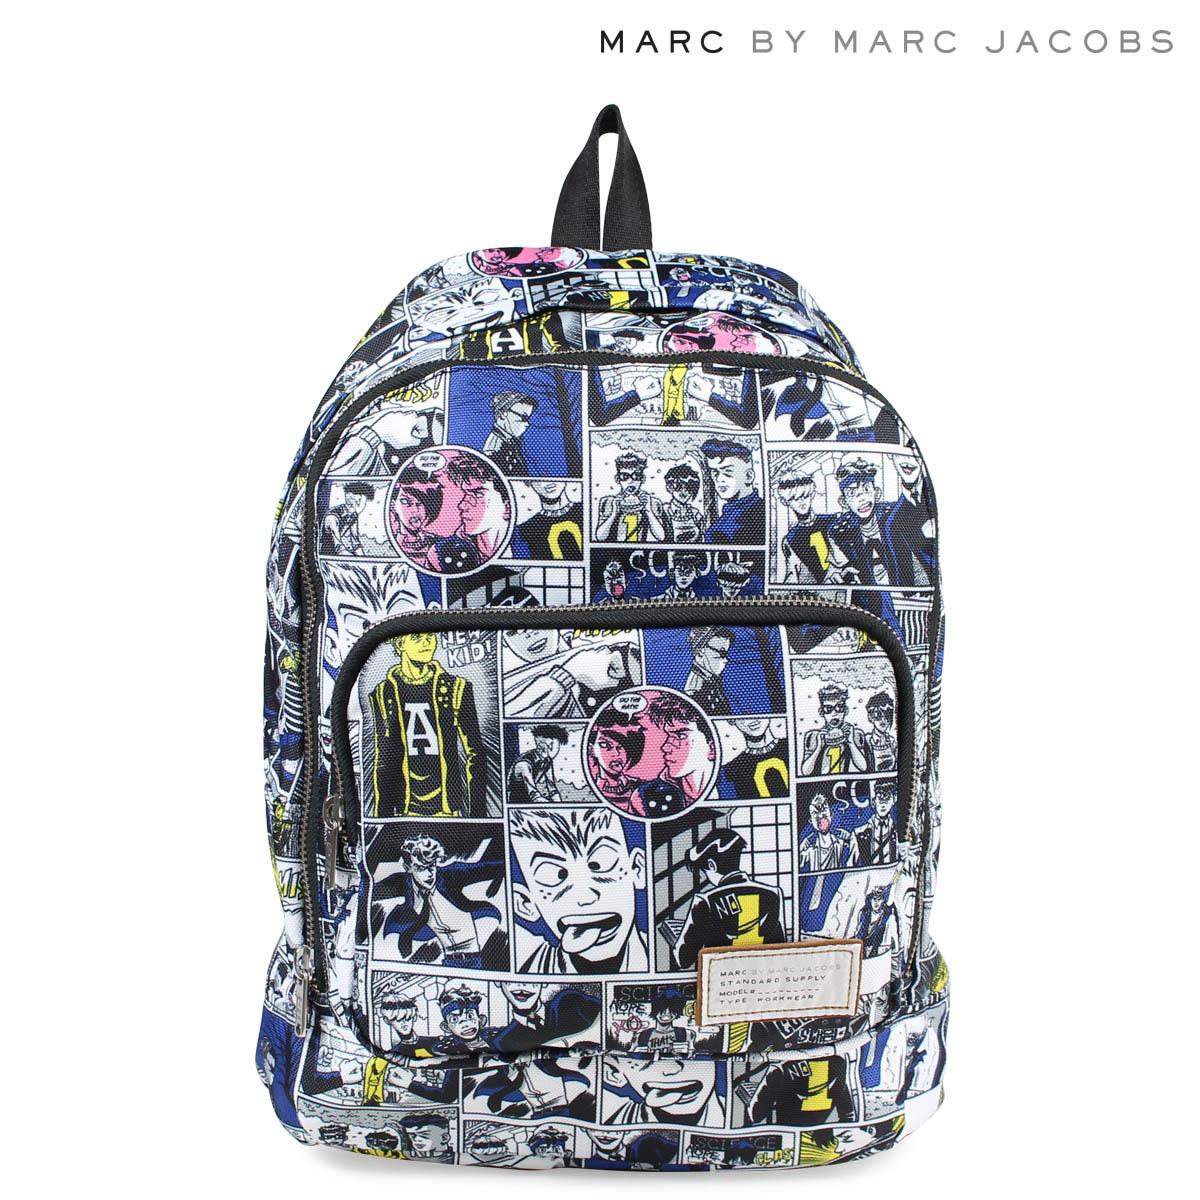 マークバイマークジェイコブス MARC BY MARC JACOBS バッグ リュック レディース バックパック M0006405 CARTOON BACKPACK ホワイト 【決算セール 返品不可】